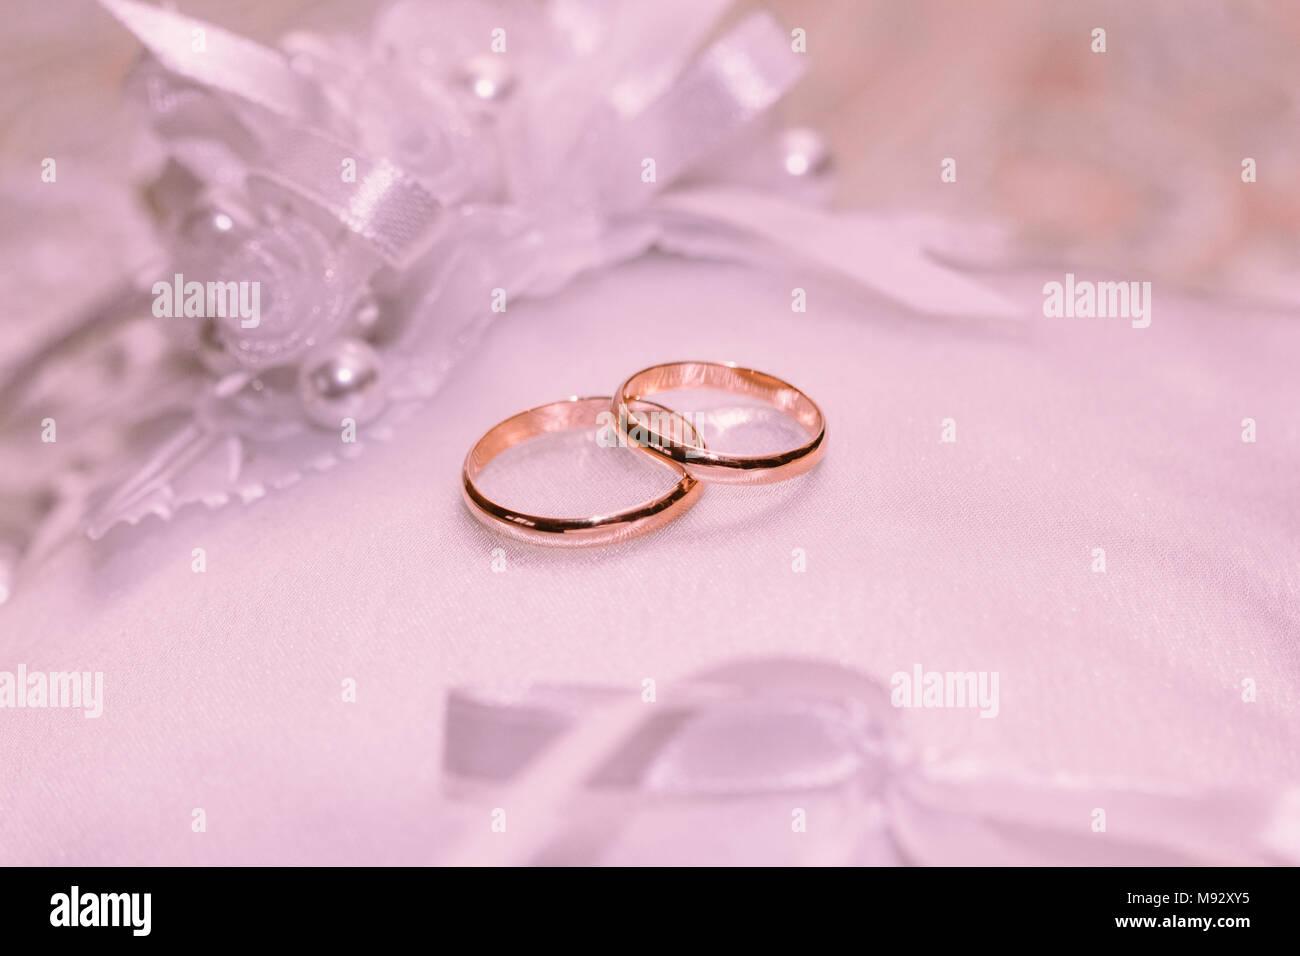 Schone Hochzeit Ringe Auf Einem Weissen Kissen Mit Satin Anstecker